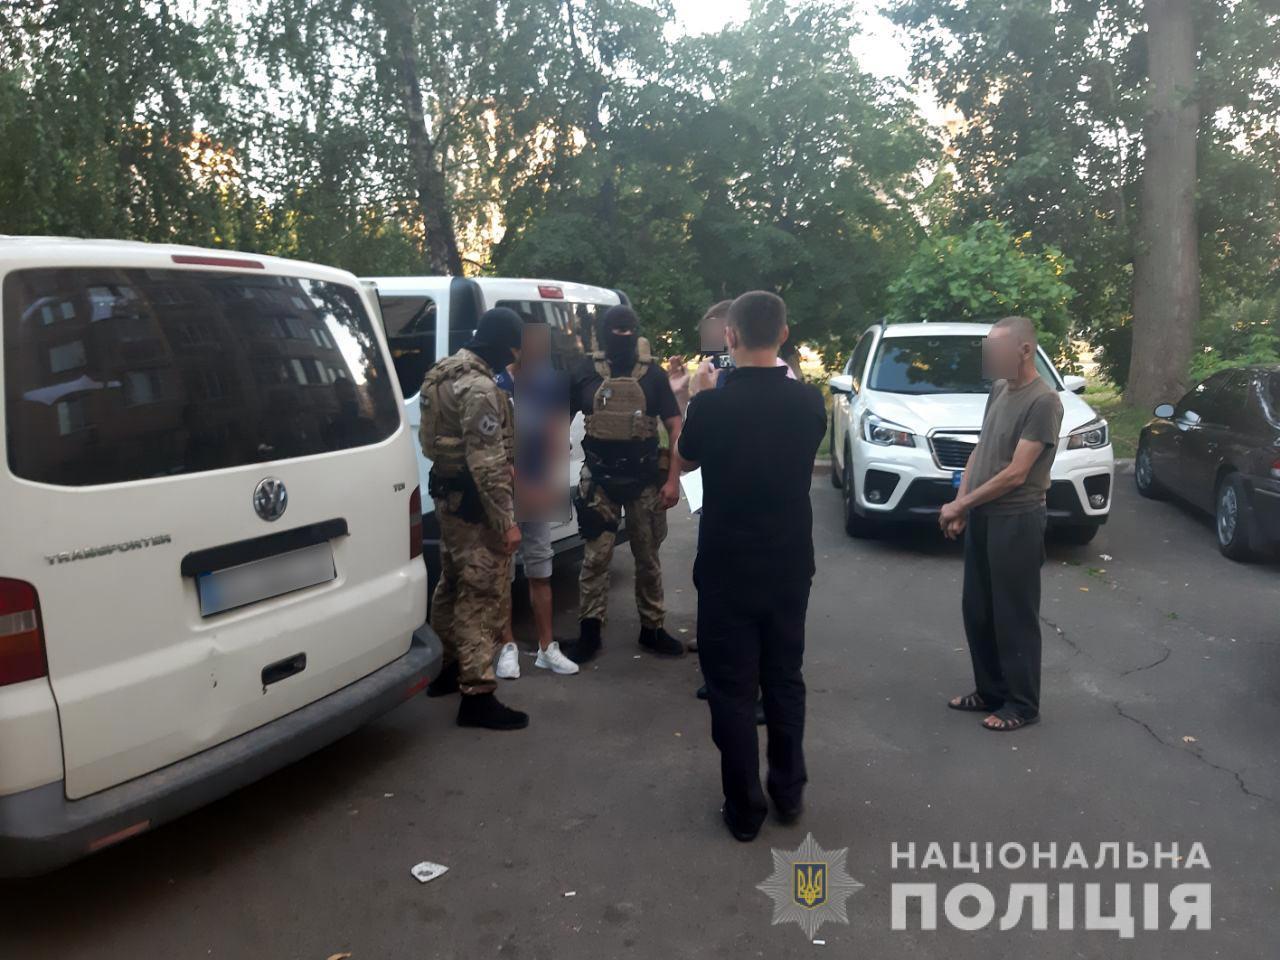 Правоохоронці встановили чотирьох осіб, яких підозрюють у нападі на авто «Укрпошти»